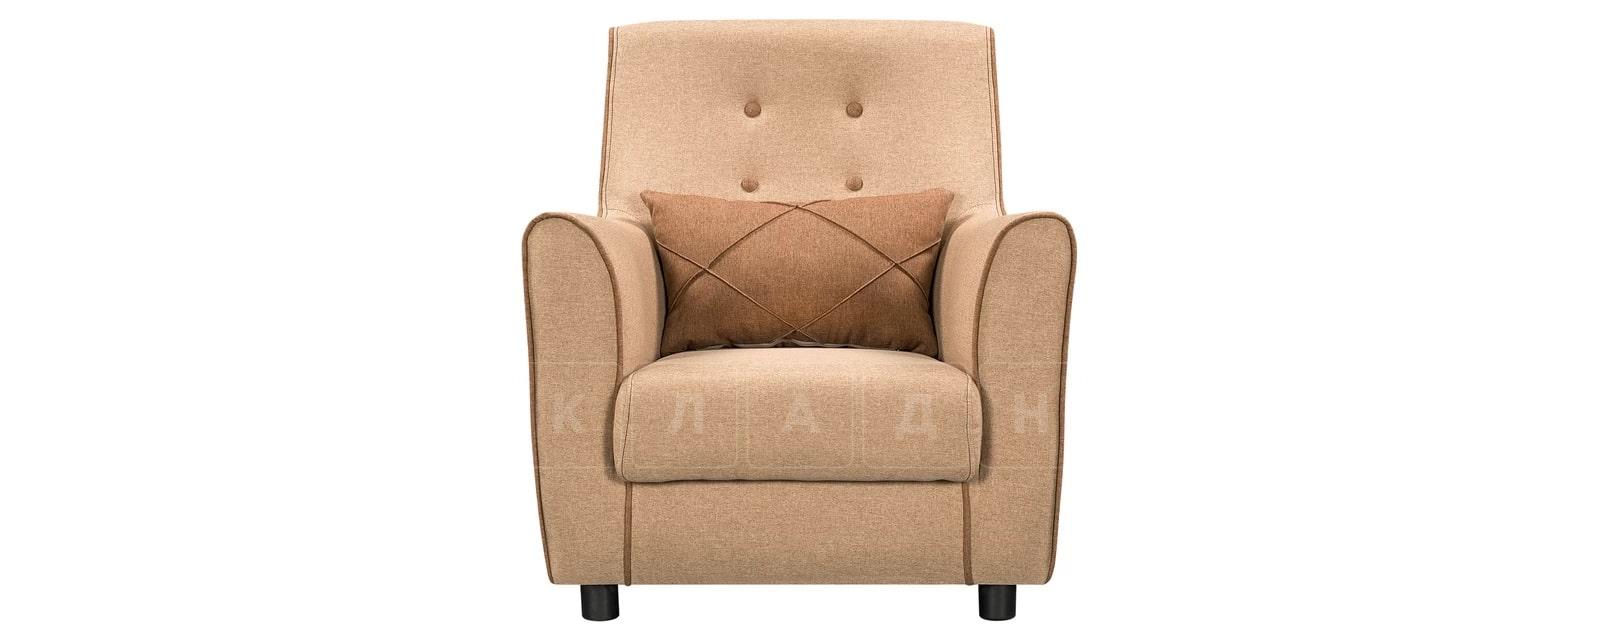 Кресло Флэтфорд рогожка бежевая с коричневым кантом фото 2 | интернет-магазин Складно